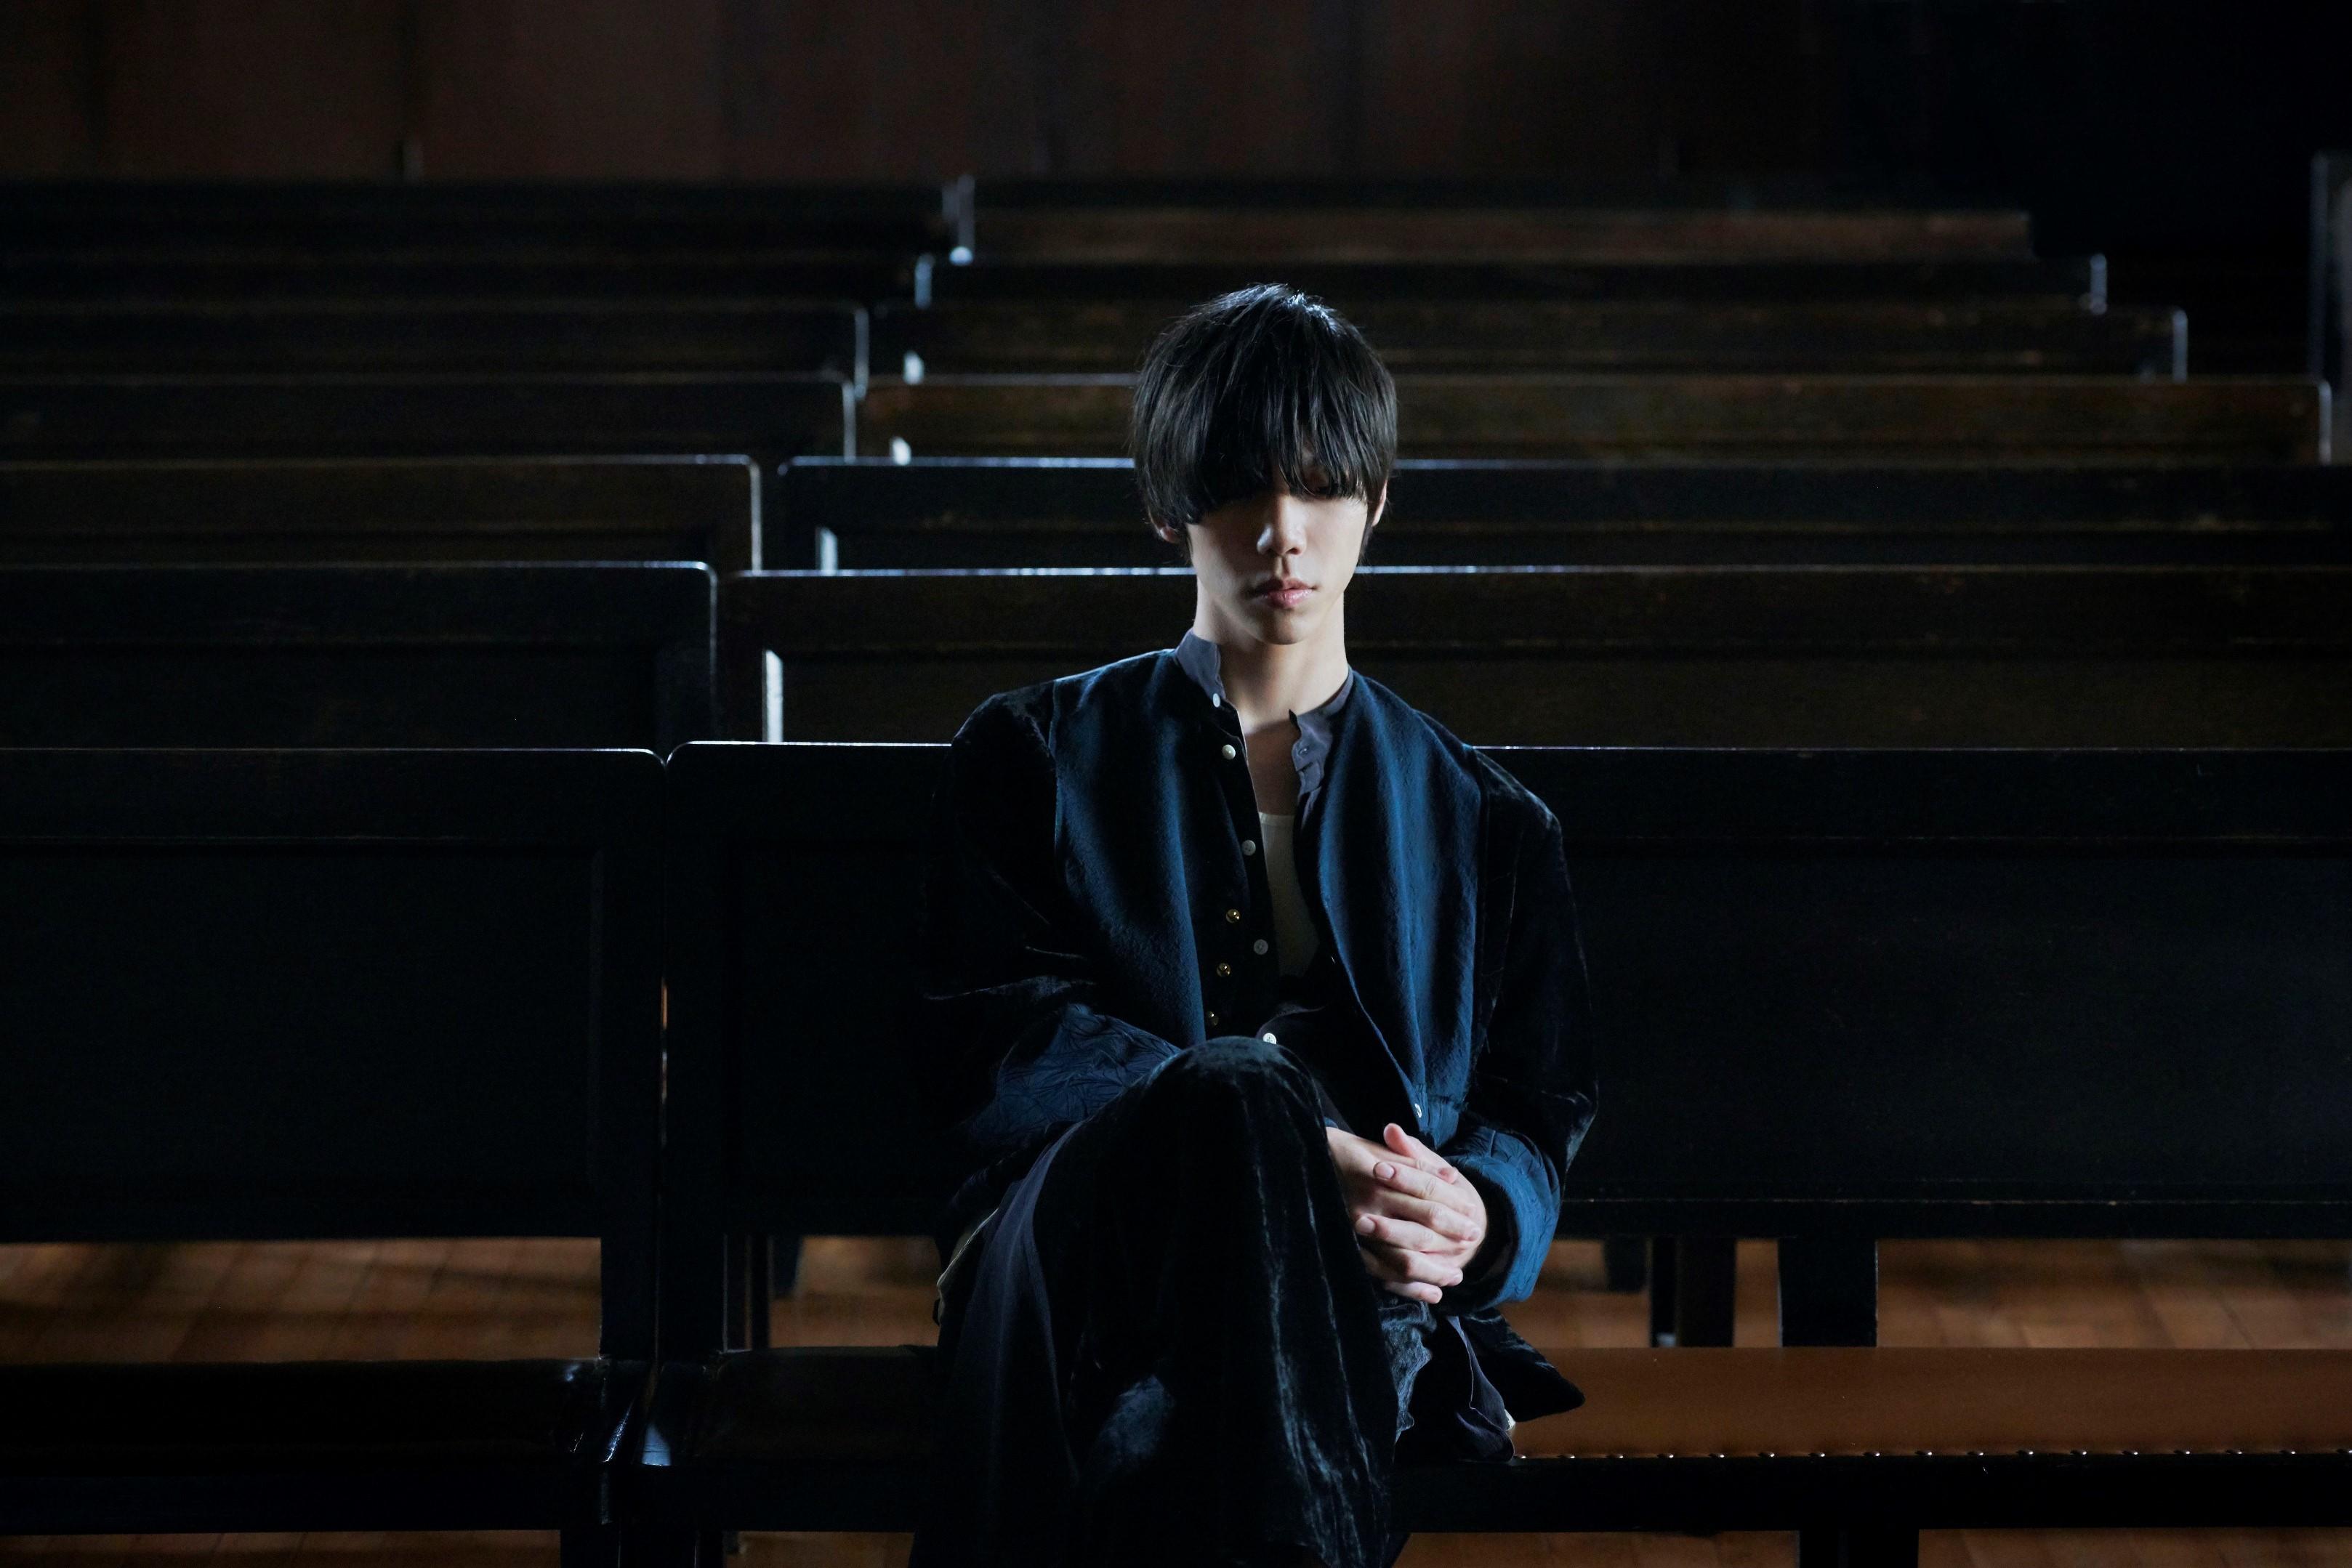 Sano ibuki、アニメ映画『ぼくらの7日間戦争』の主題歌『おまじない』で工夫したことは?